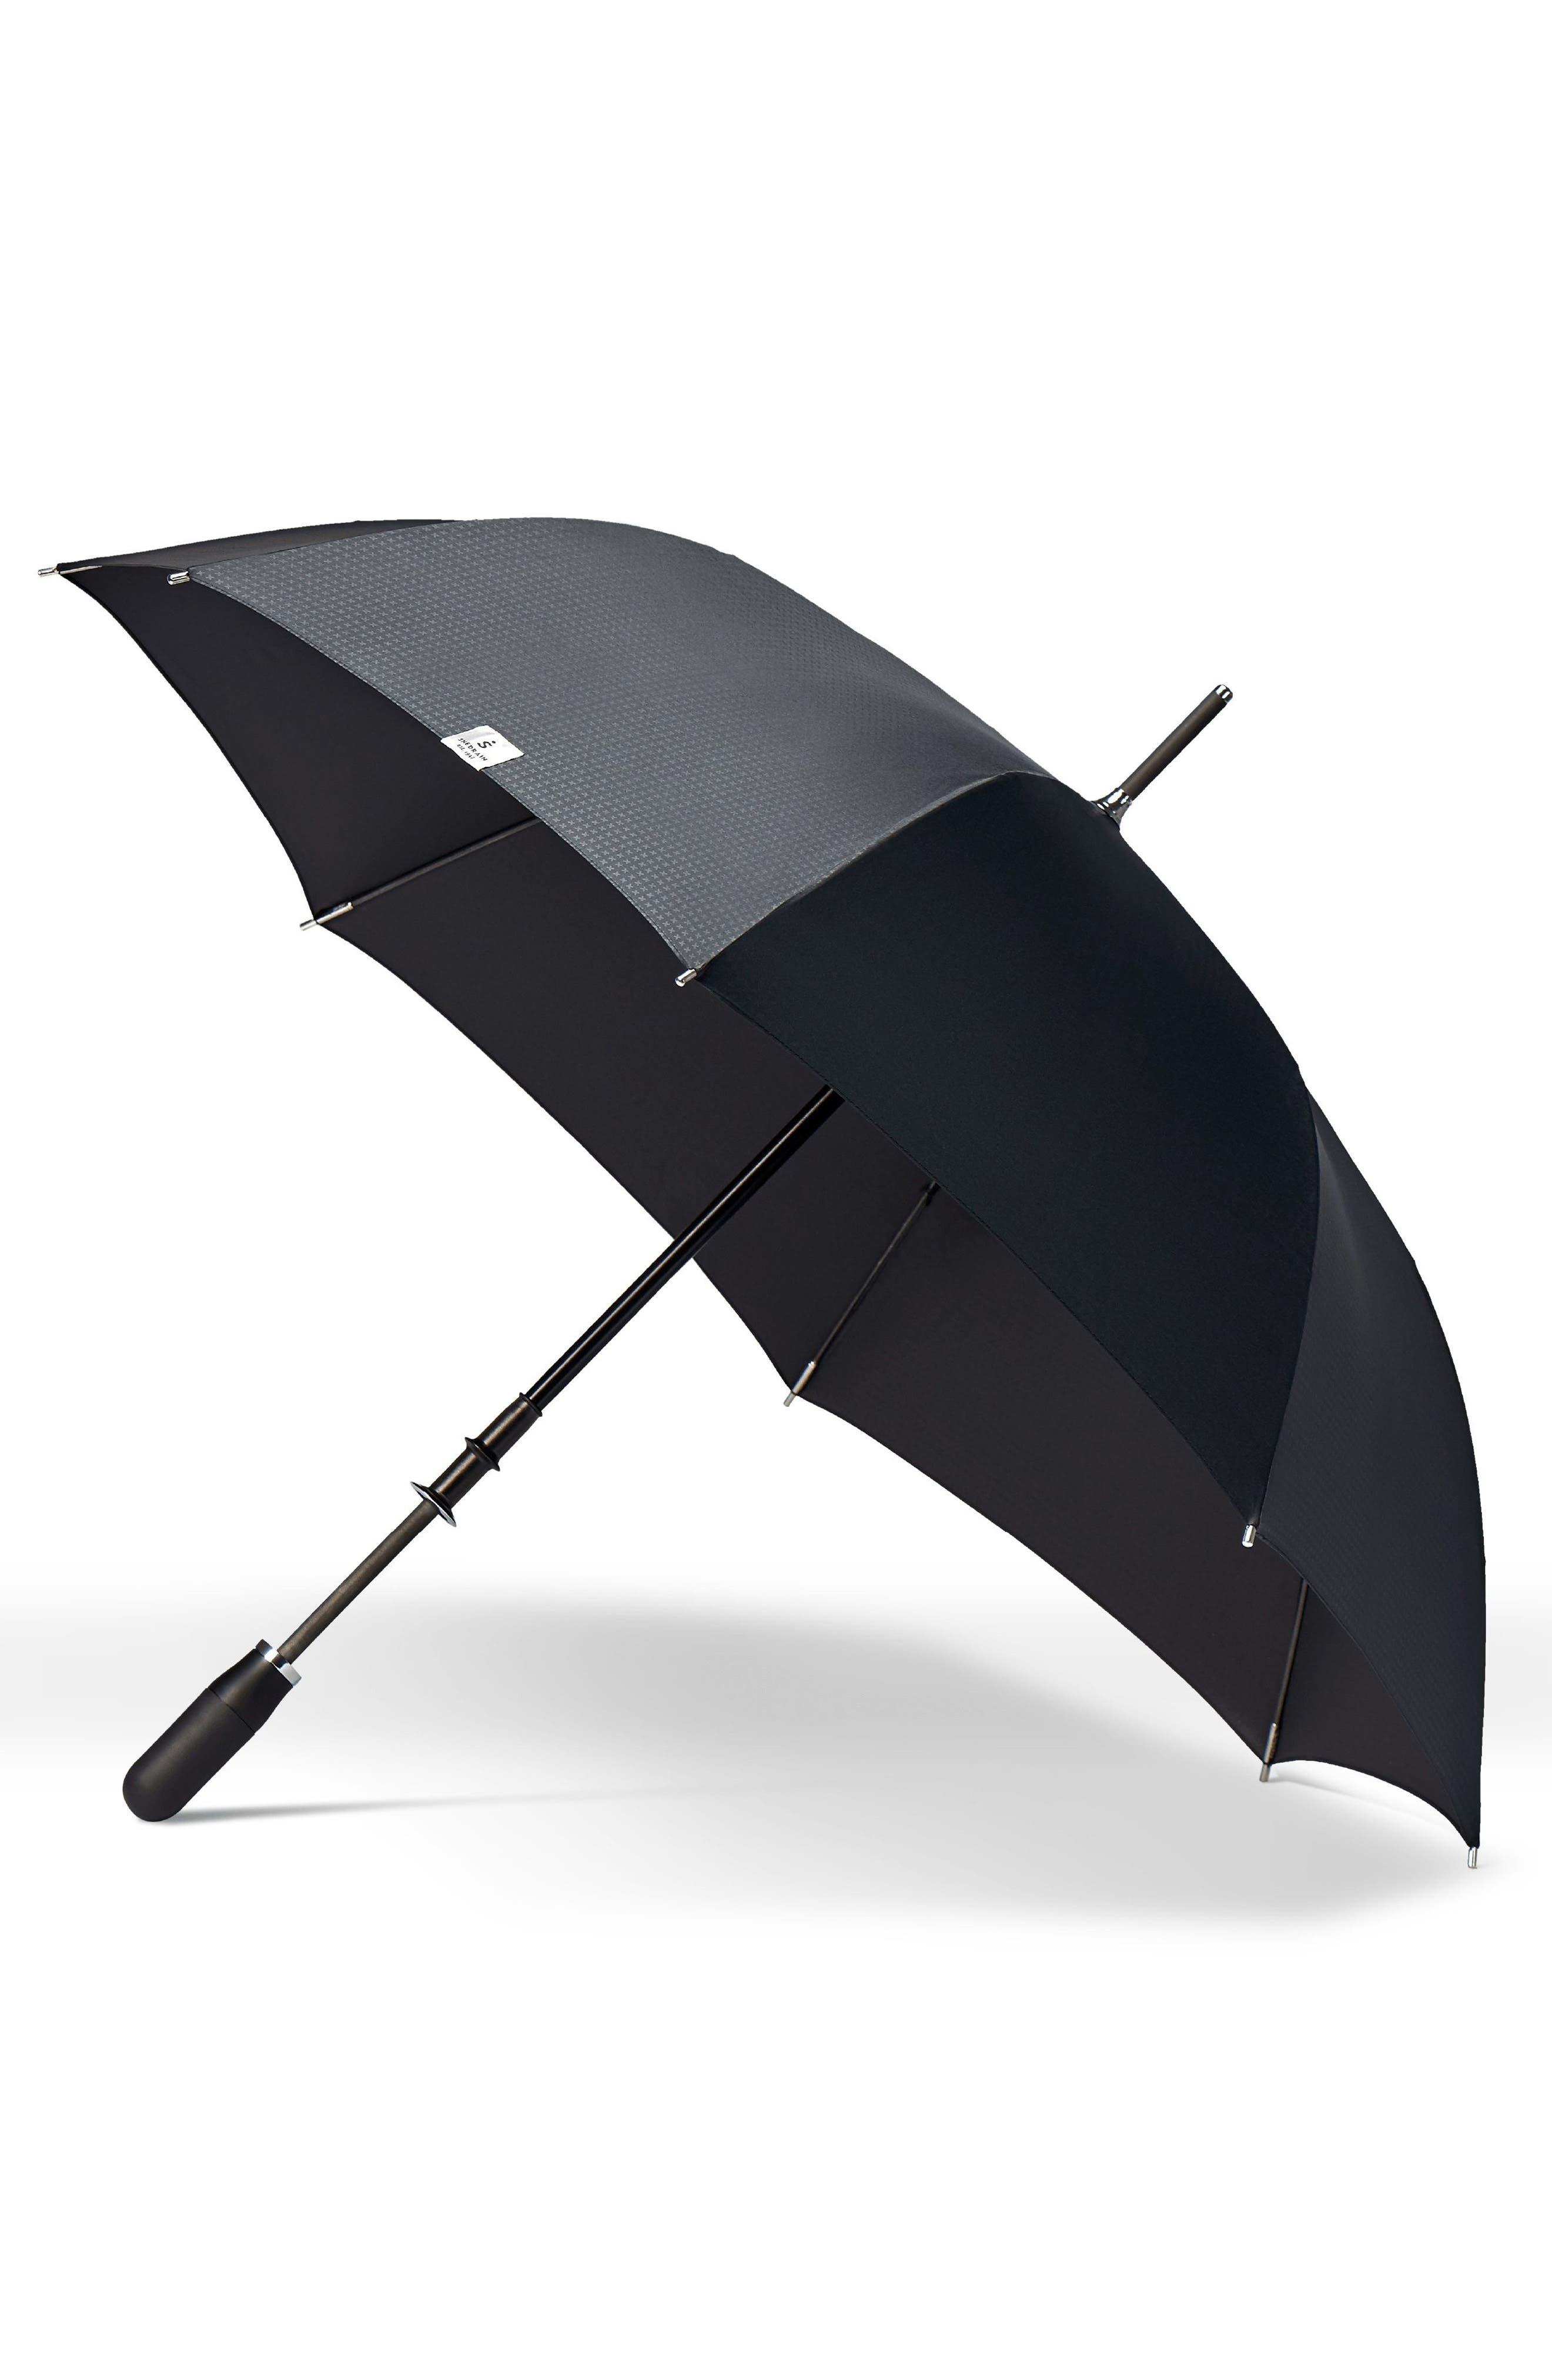 Alternate Image 1 Selected - ShedRain Stratus Auto Open Stick Umbrella